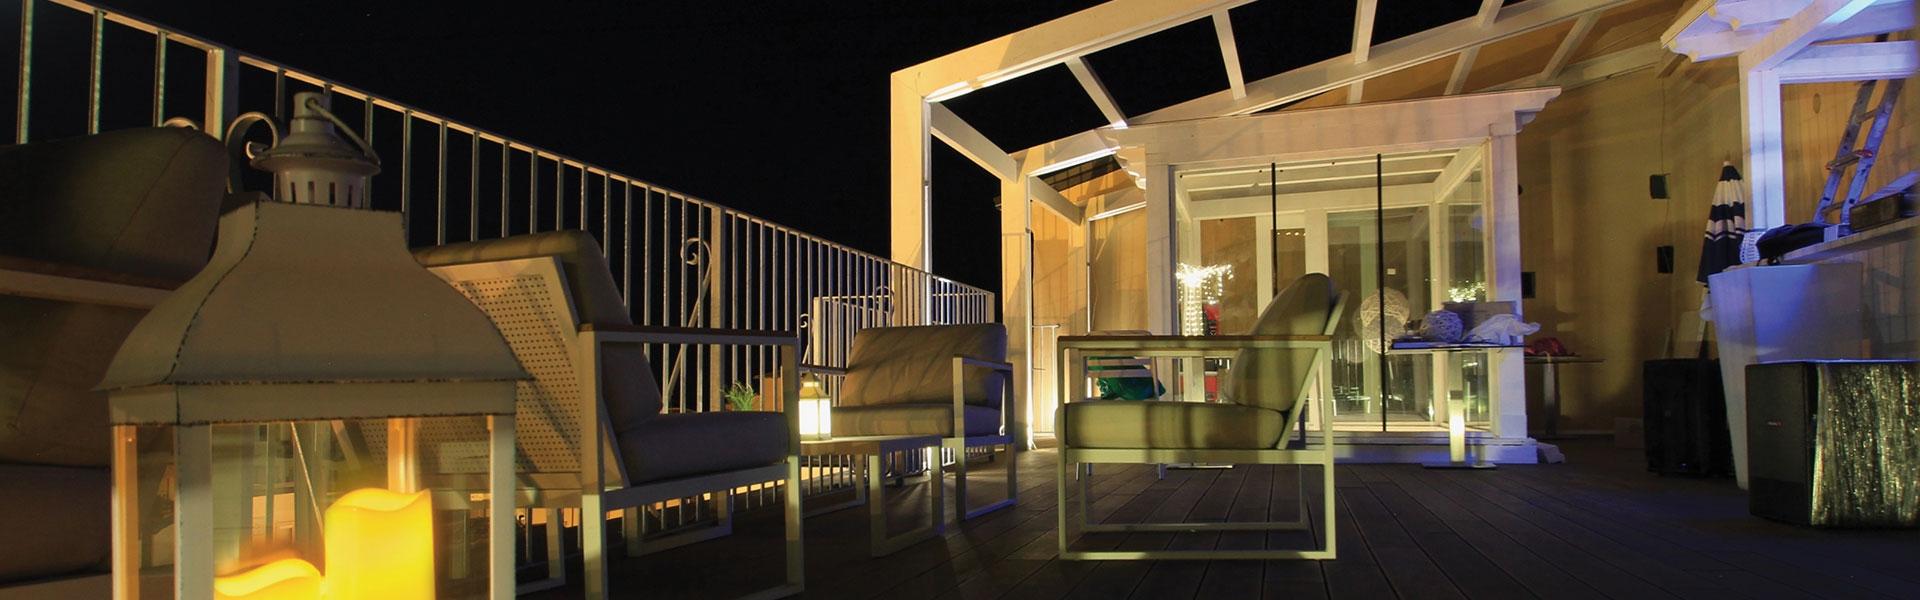 Sun terrace and bar